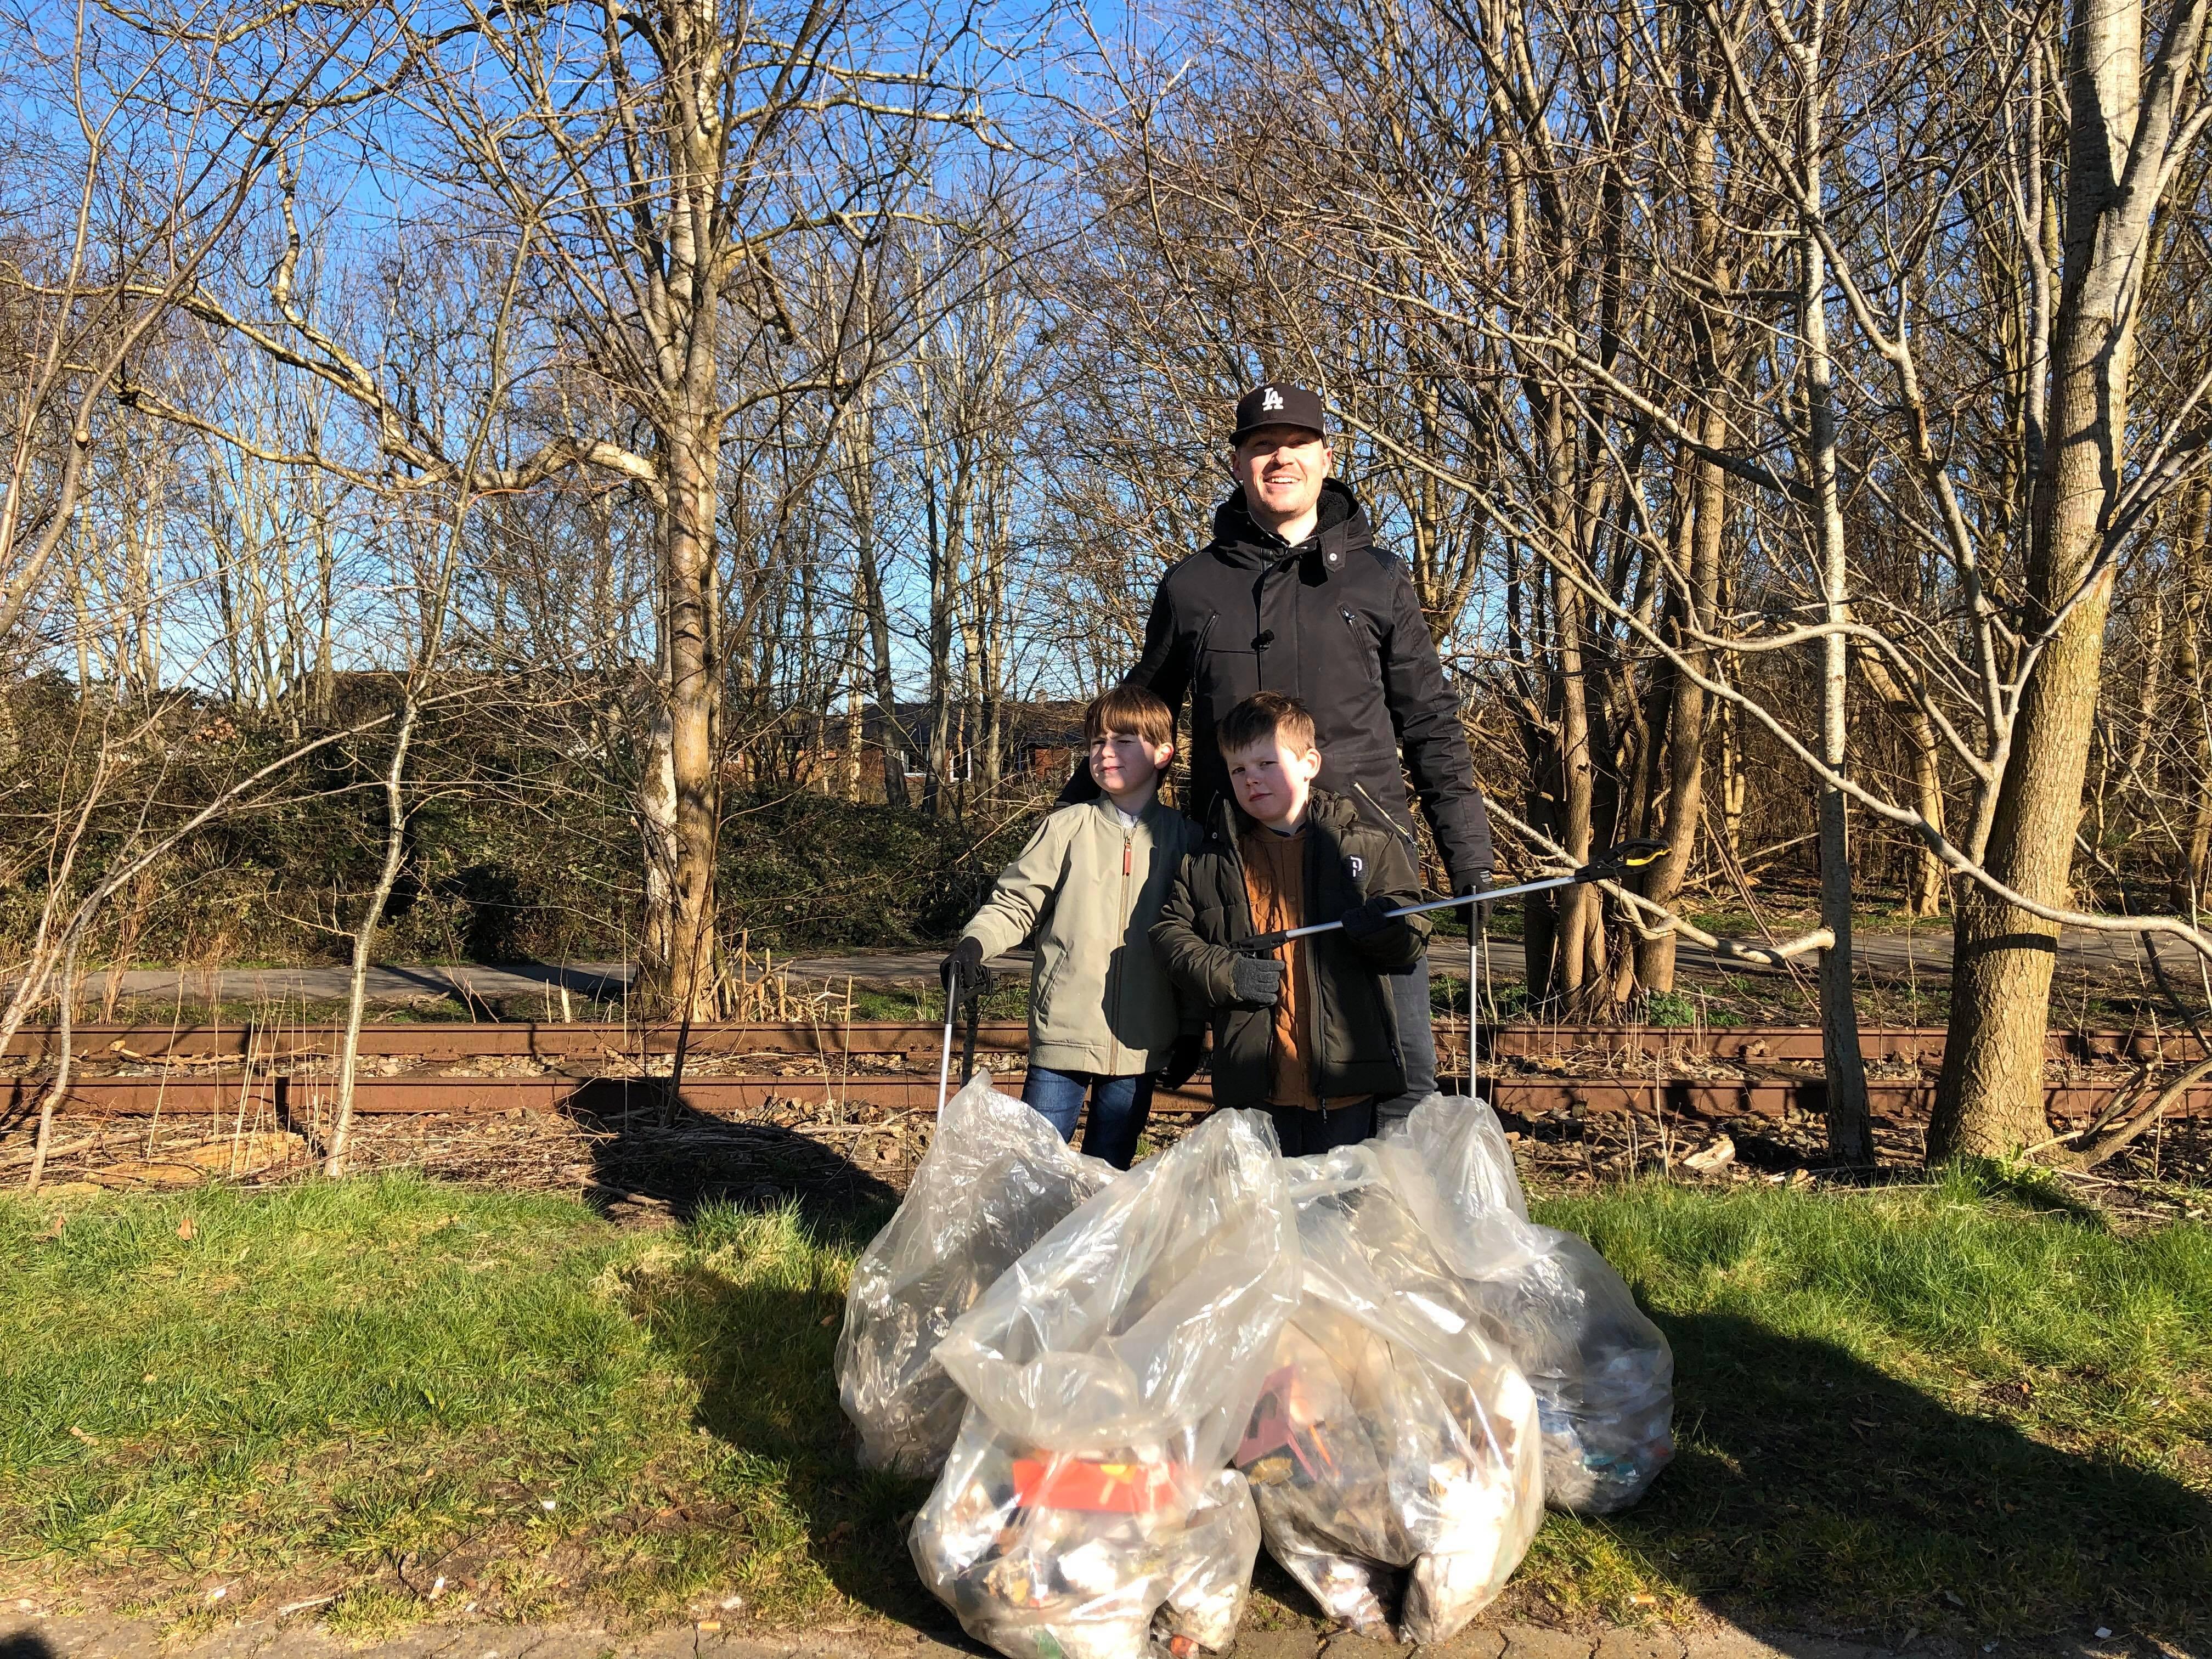 20.000 er med på Esbens affaldsinitiativ: Vi manglede et positivt fællesskab